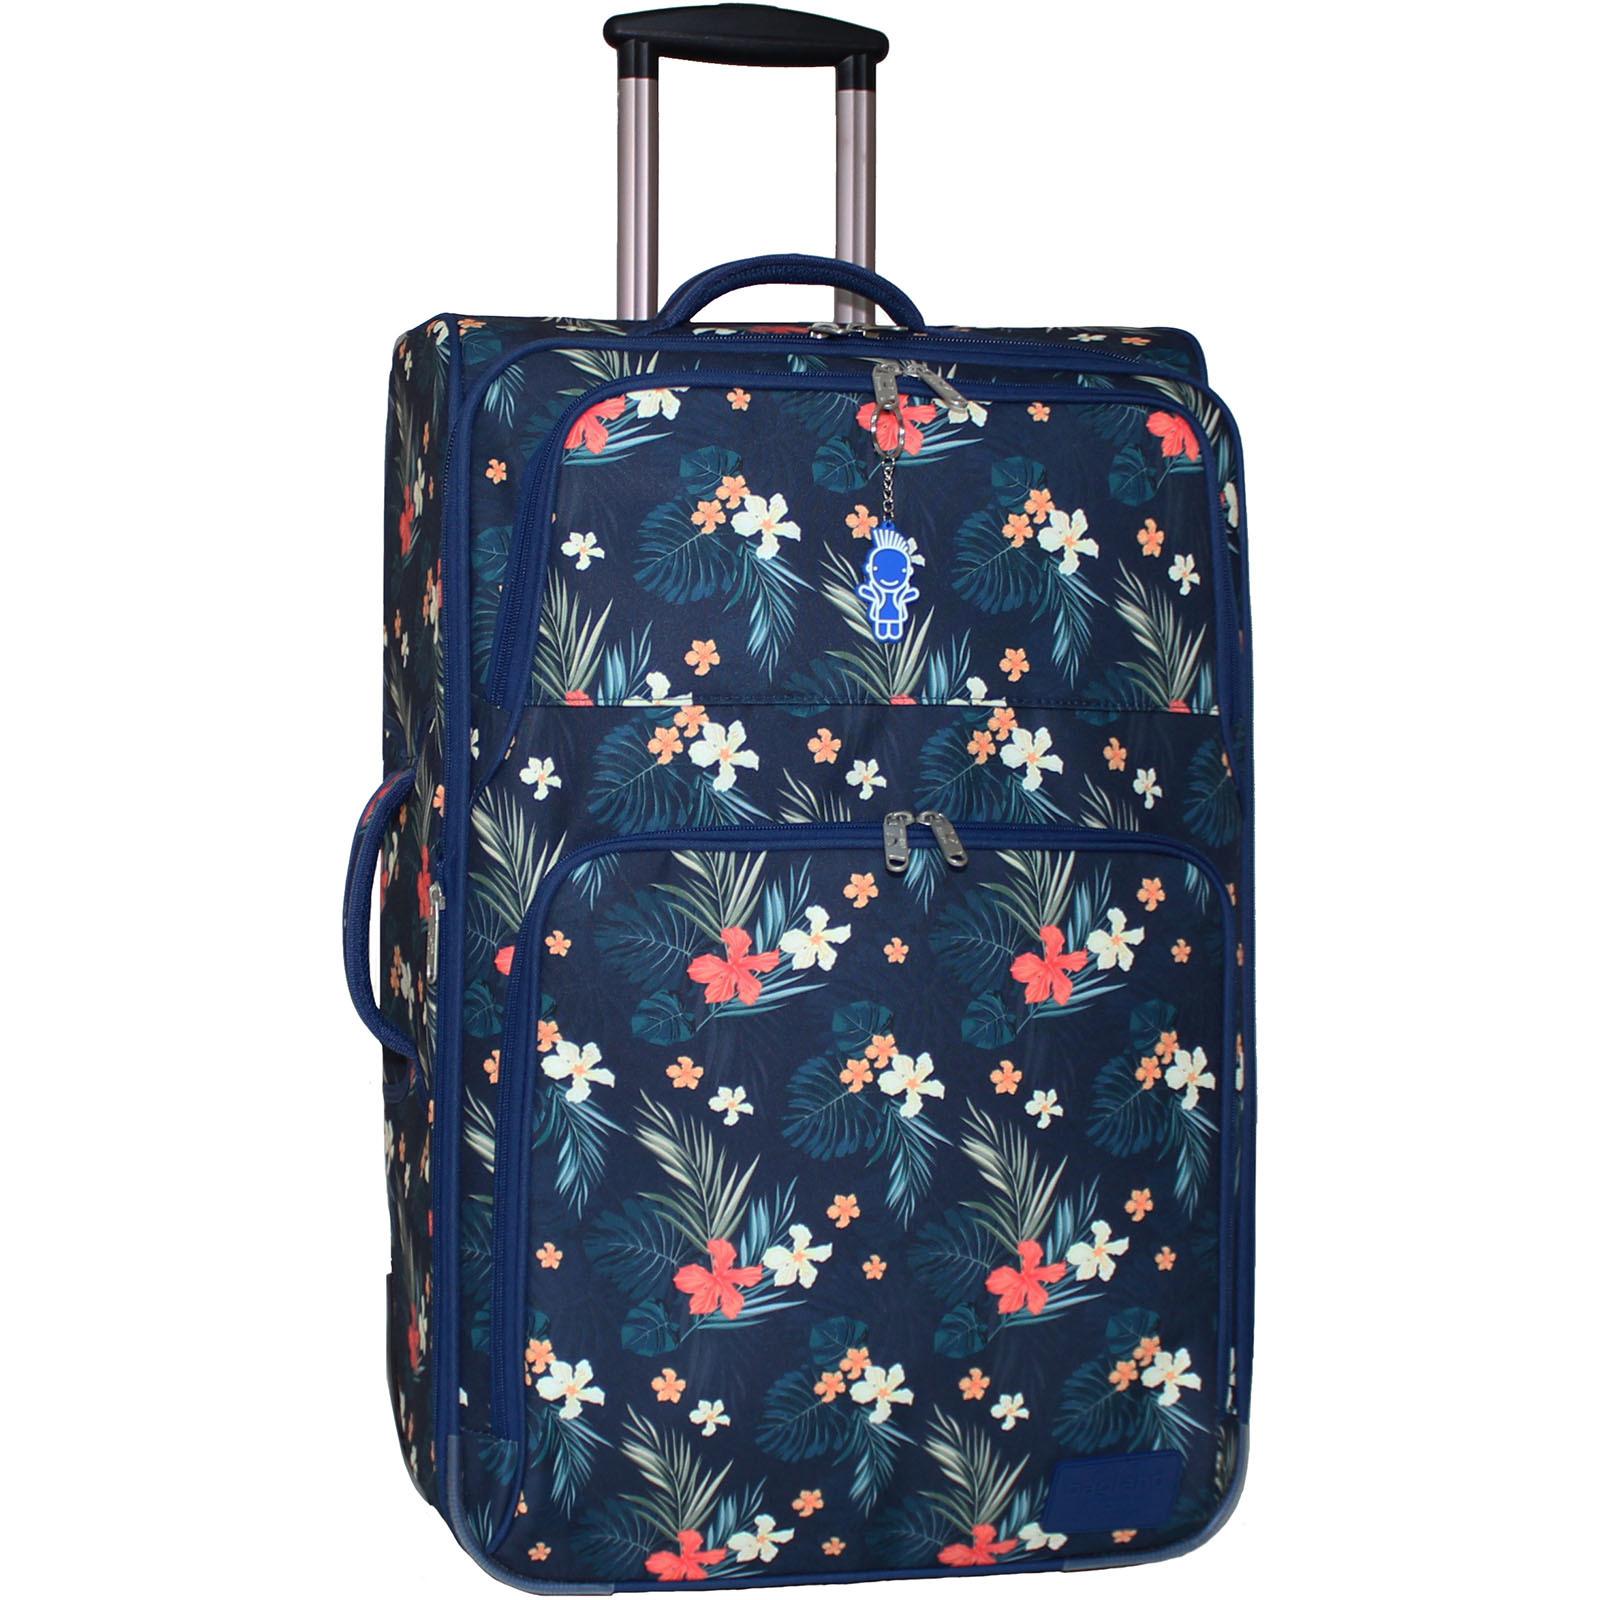 Дорожные чемоданы Чемодан Bagland Леон большой дизайн 70 л. сублимация (цветы) (0037666274) IMG_6885.JPG